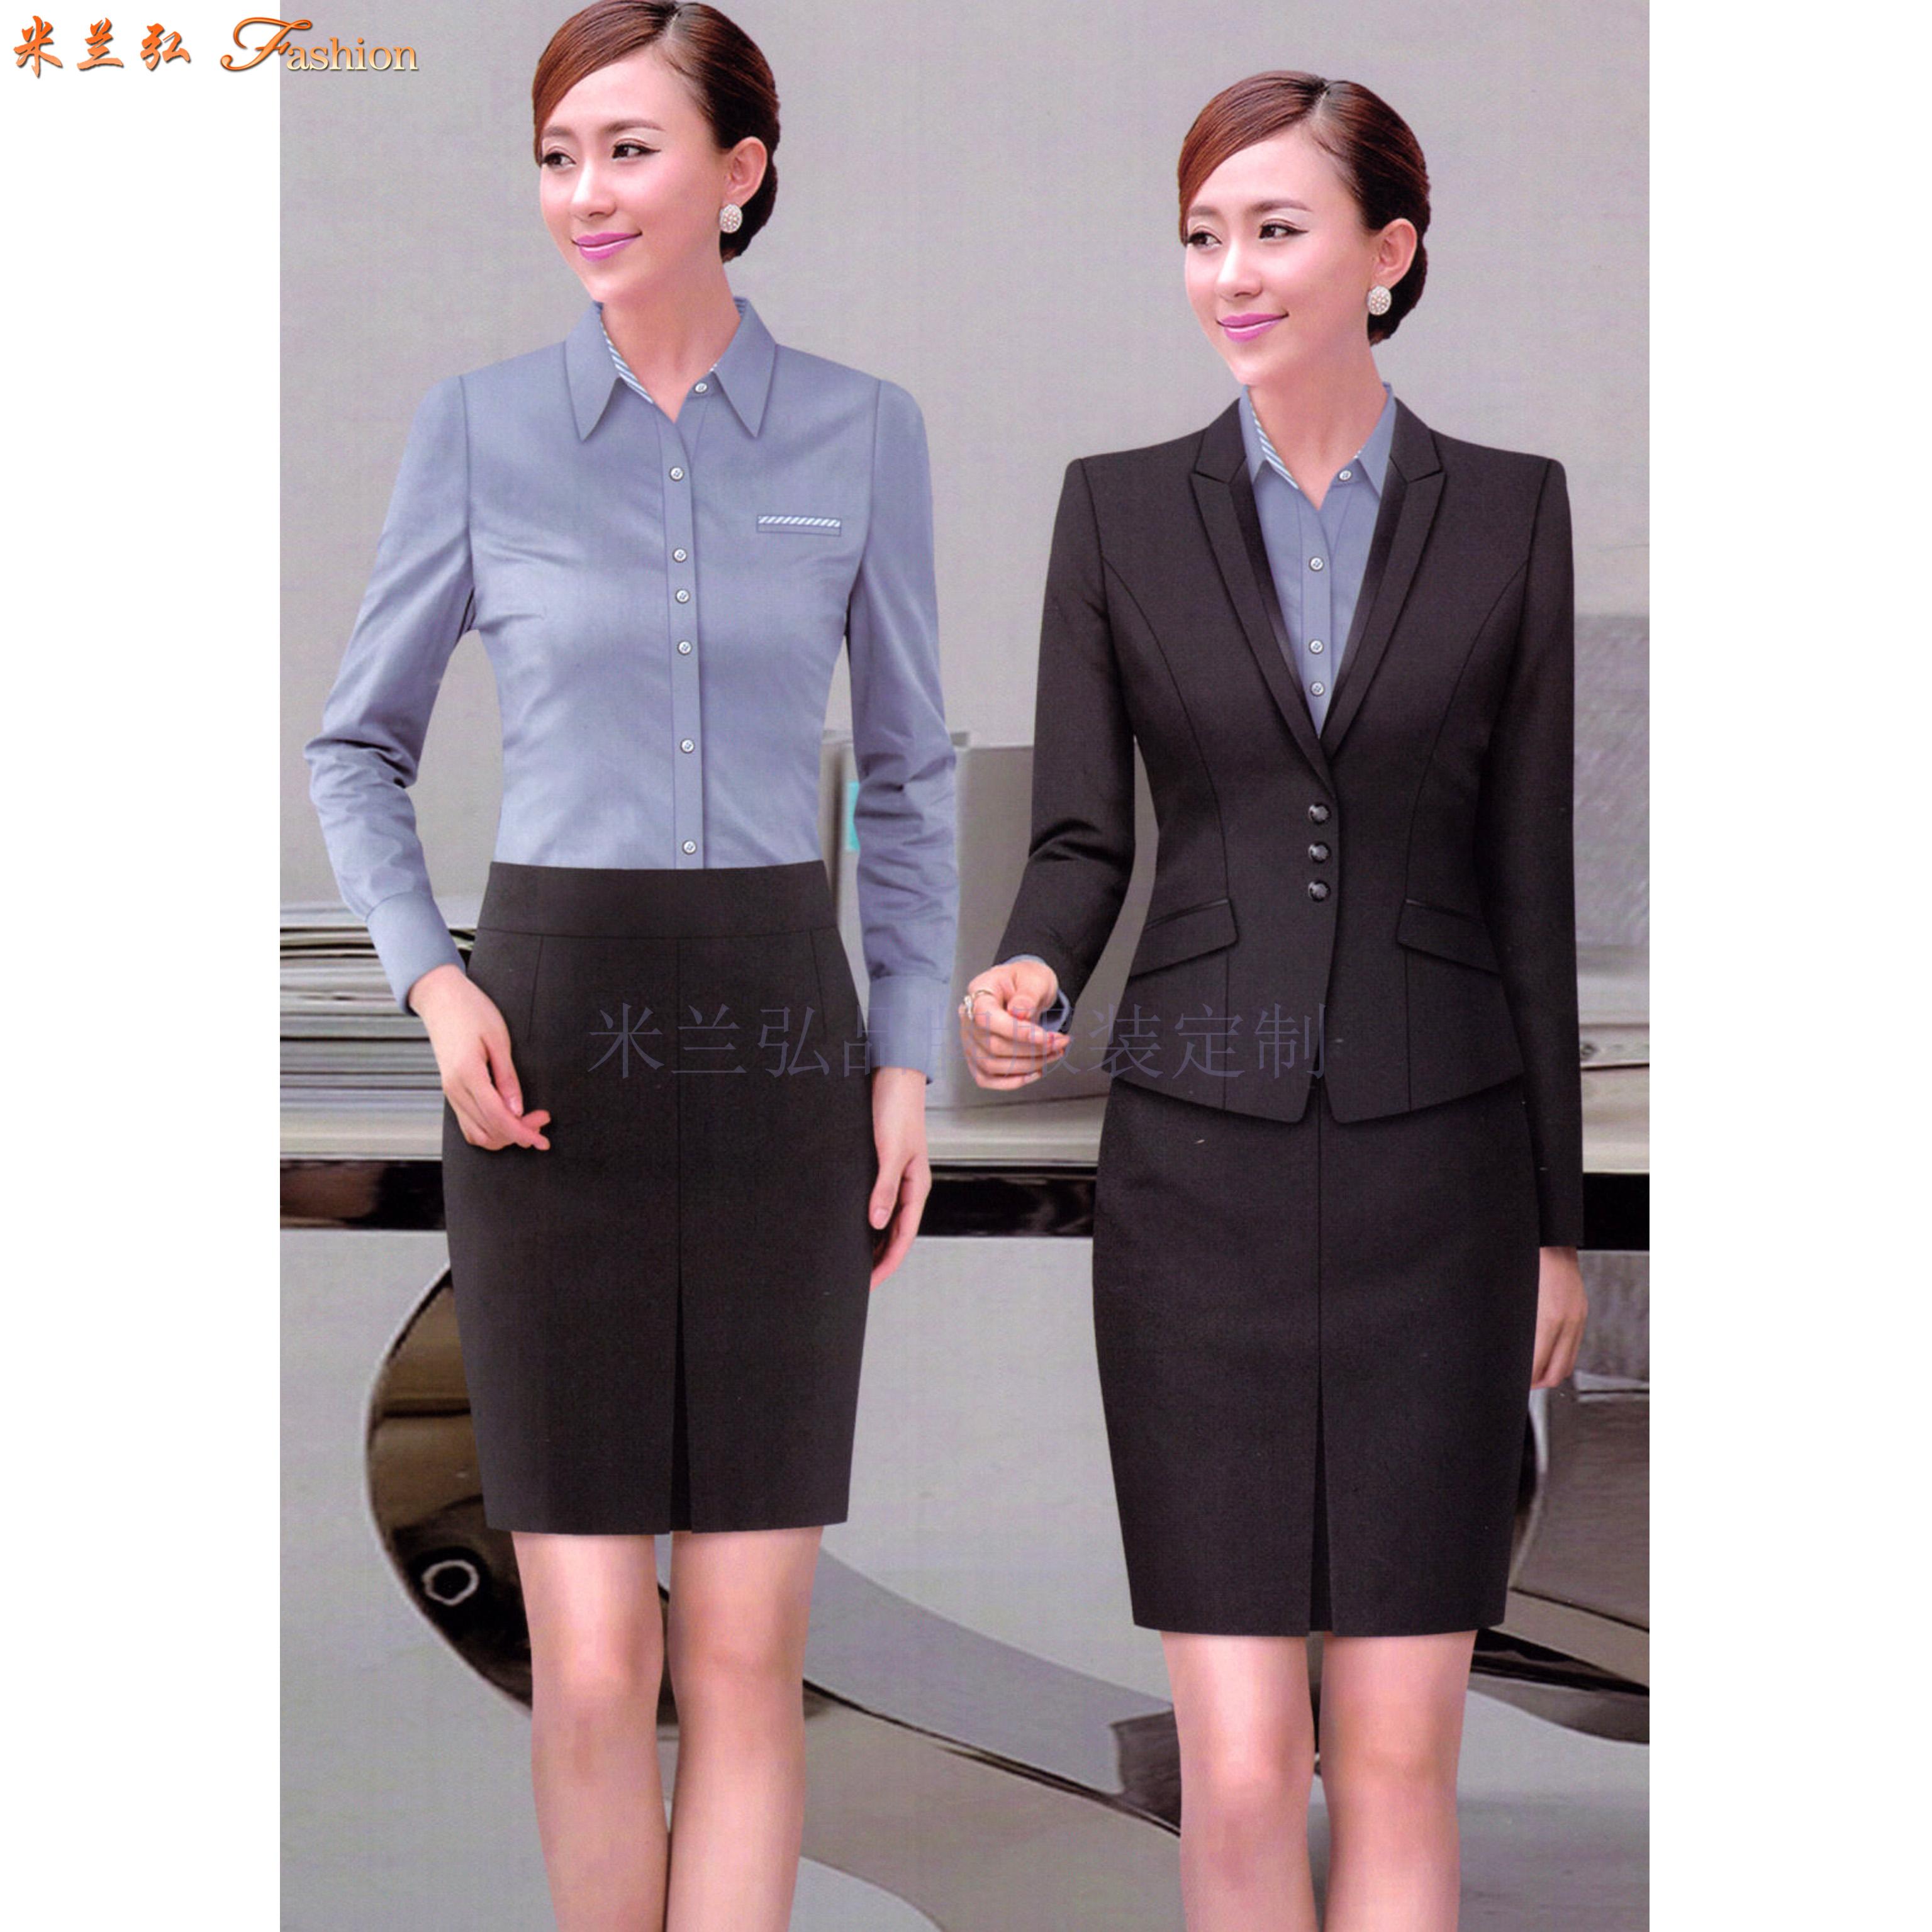 北京定做西服便宜的地方_廠家直供性價比高-米蘭弘服裝-2